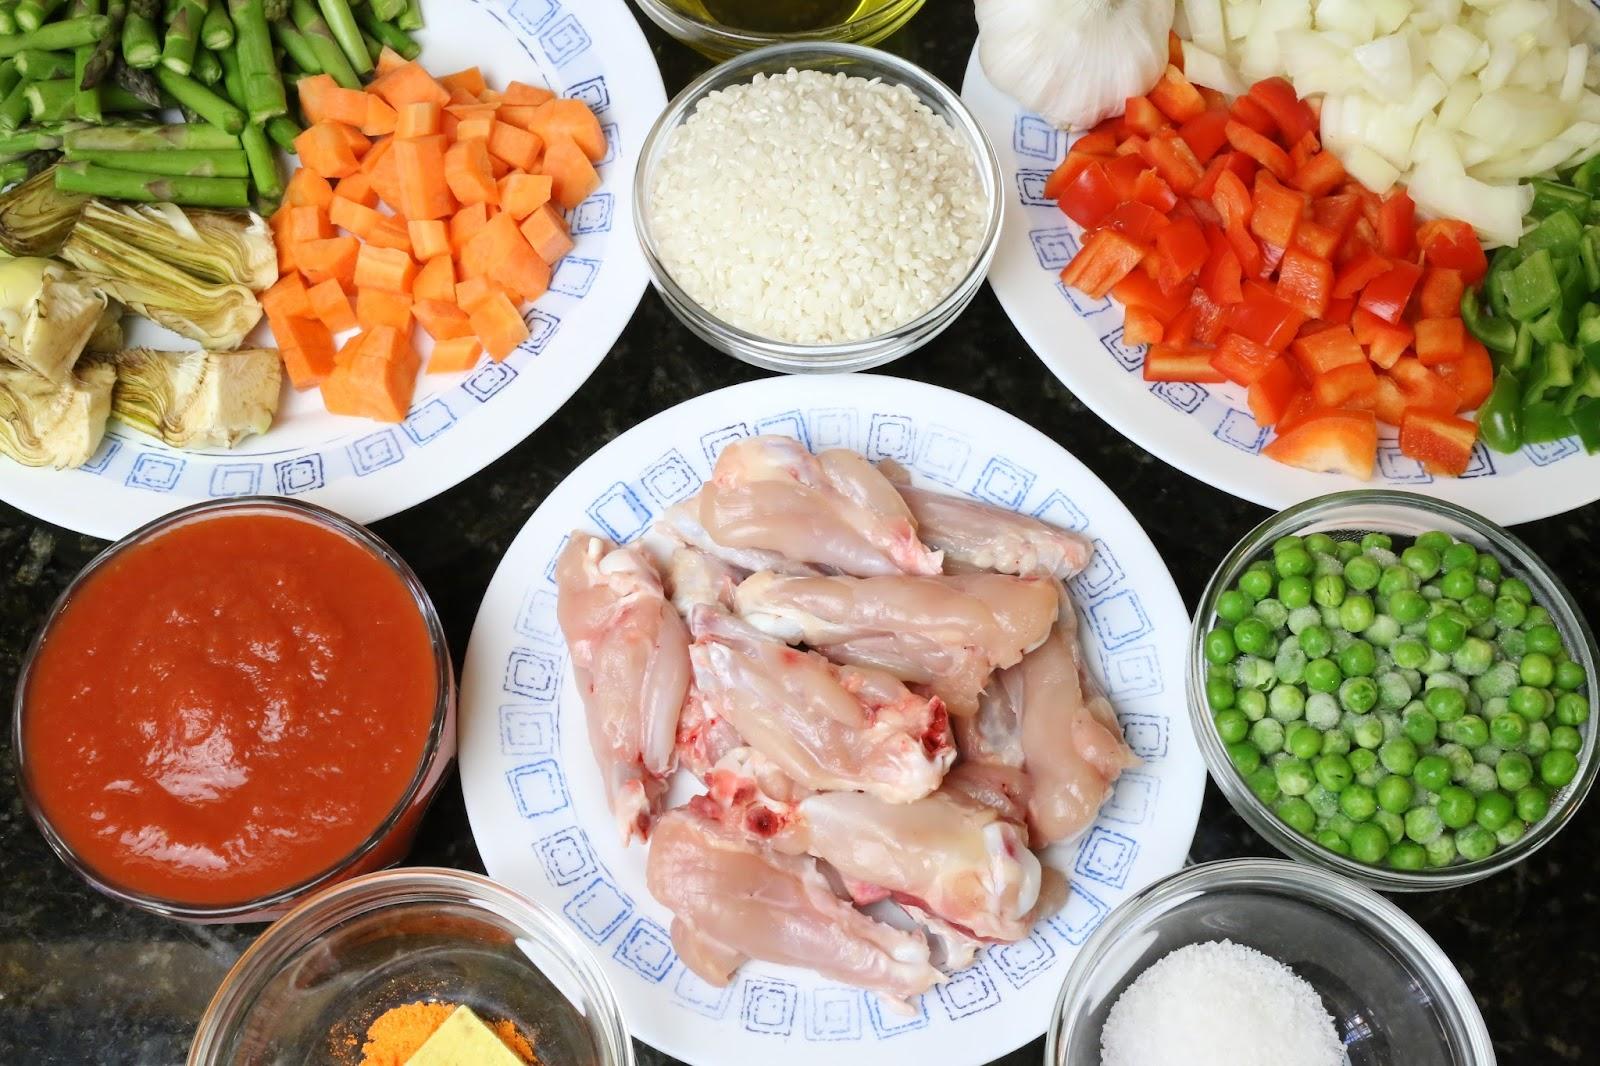 Cocina andaluza arroz con pollo y verduras for Cocina 5 ingredientes jamie